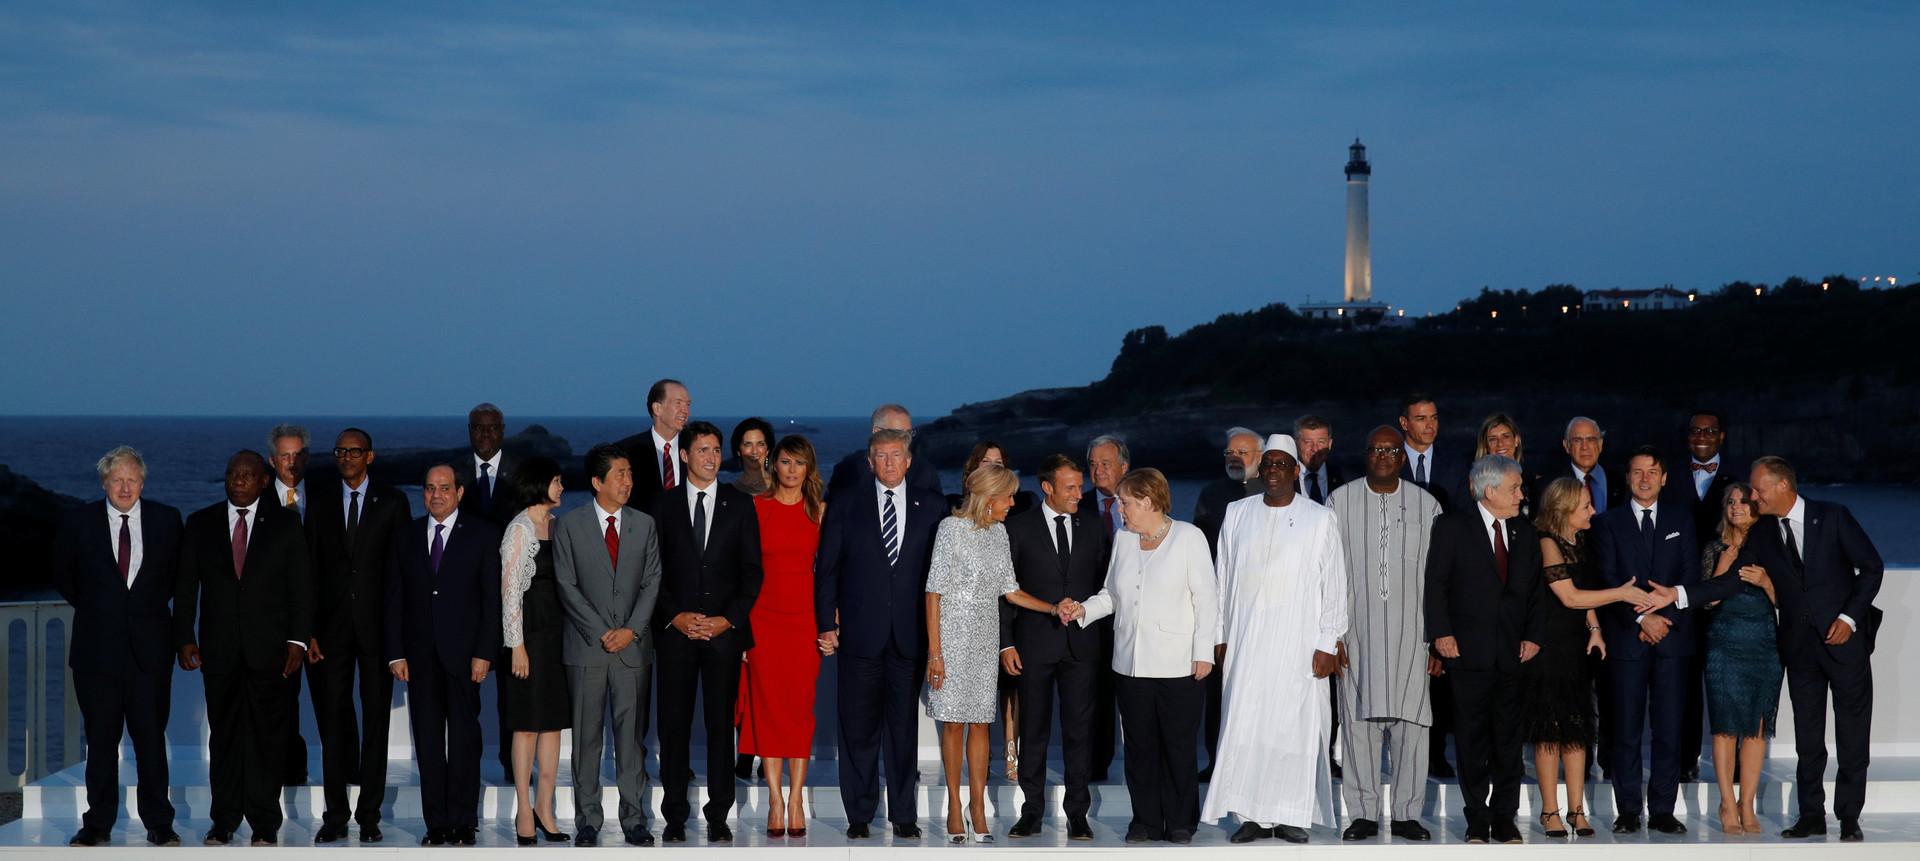 صورة جماعية لضيوف قمة G7